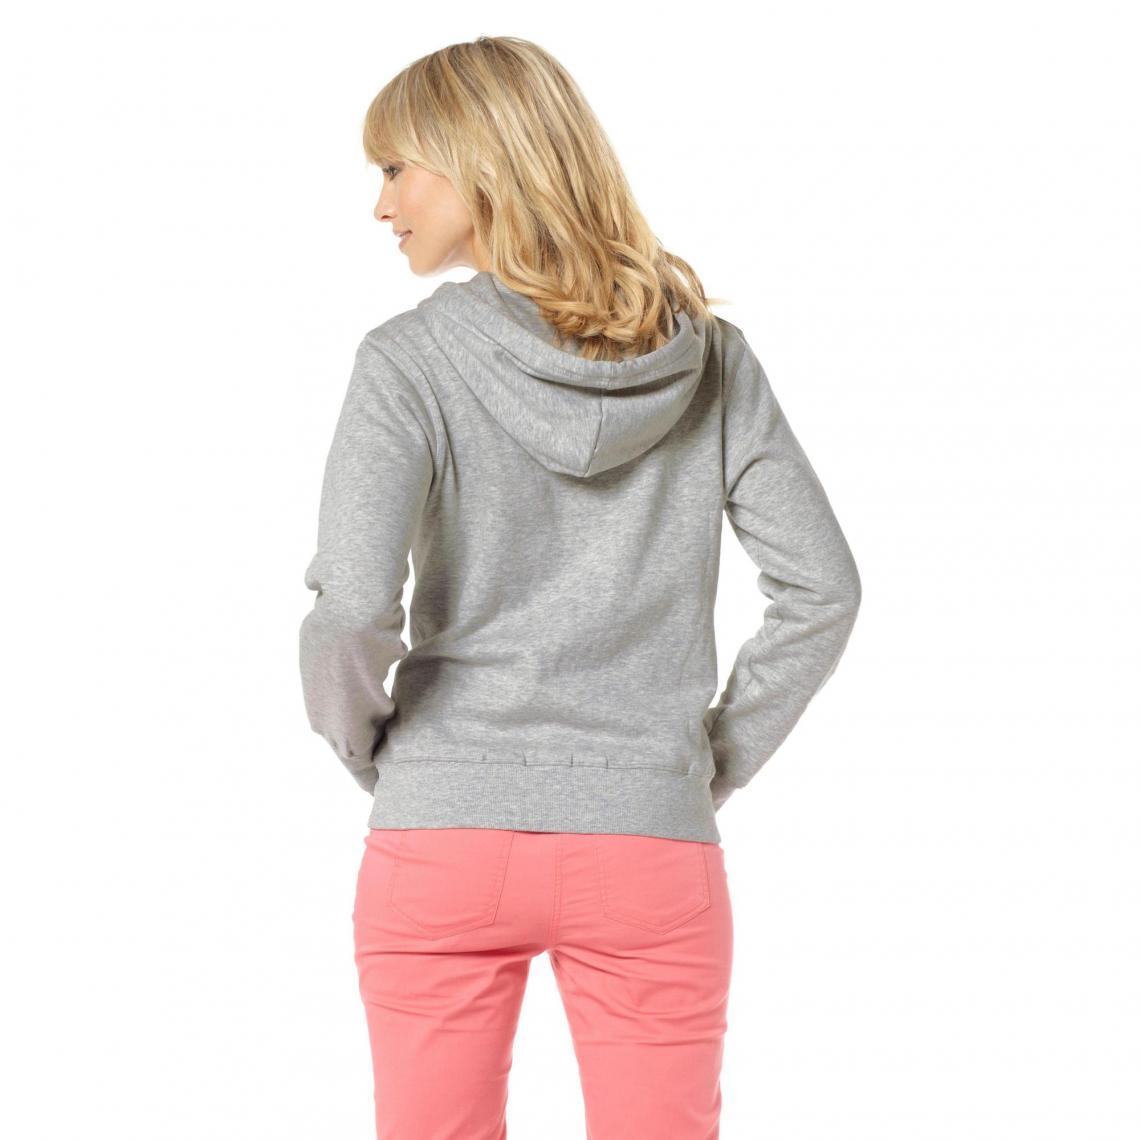 Nouveaux produits 89128 2b35c Sweat-shirt à capuche femme Flashlights - Gris   3 SUISSES